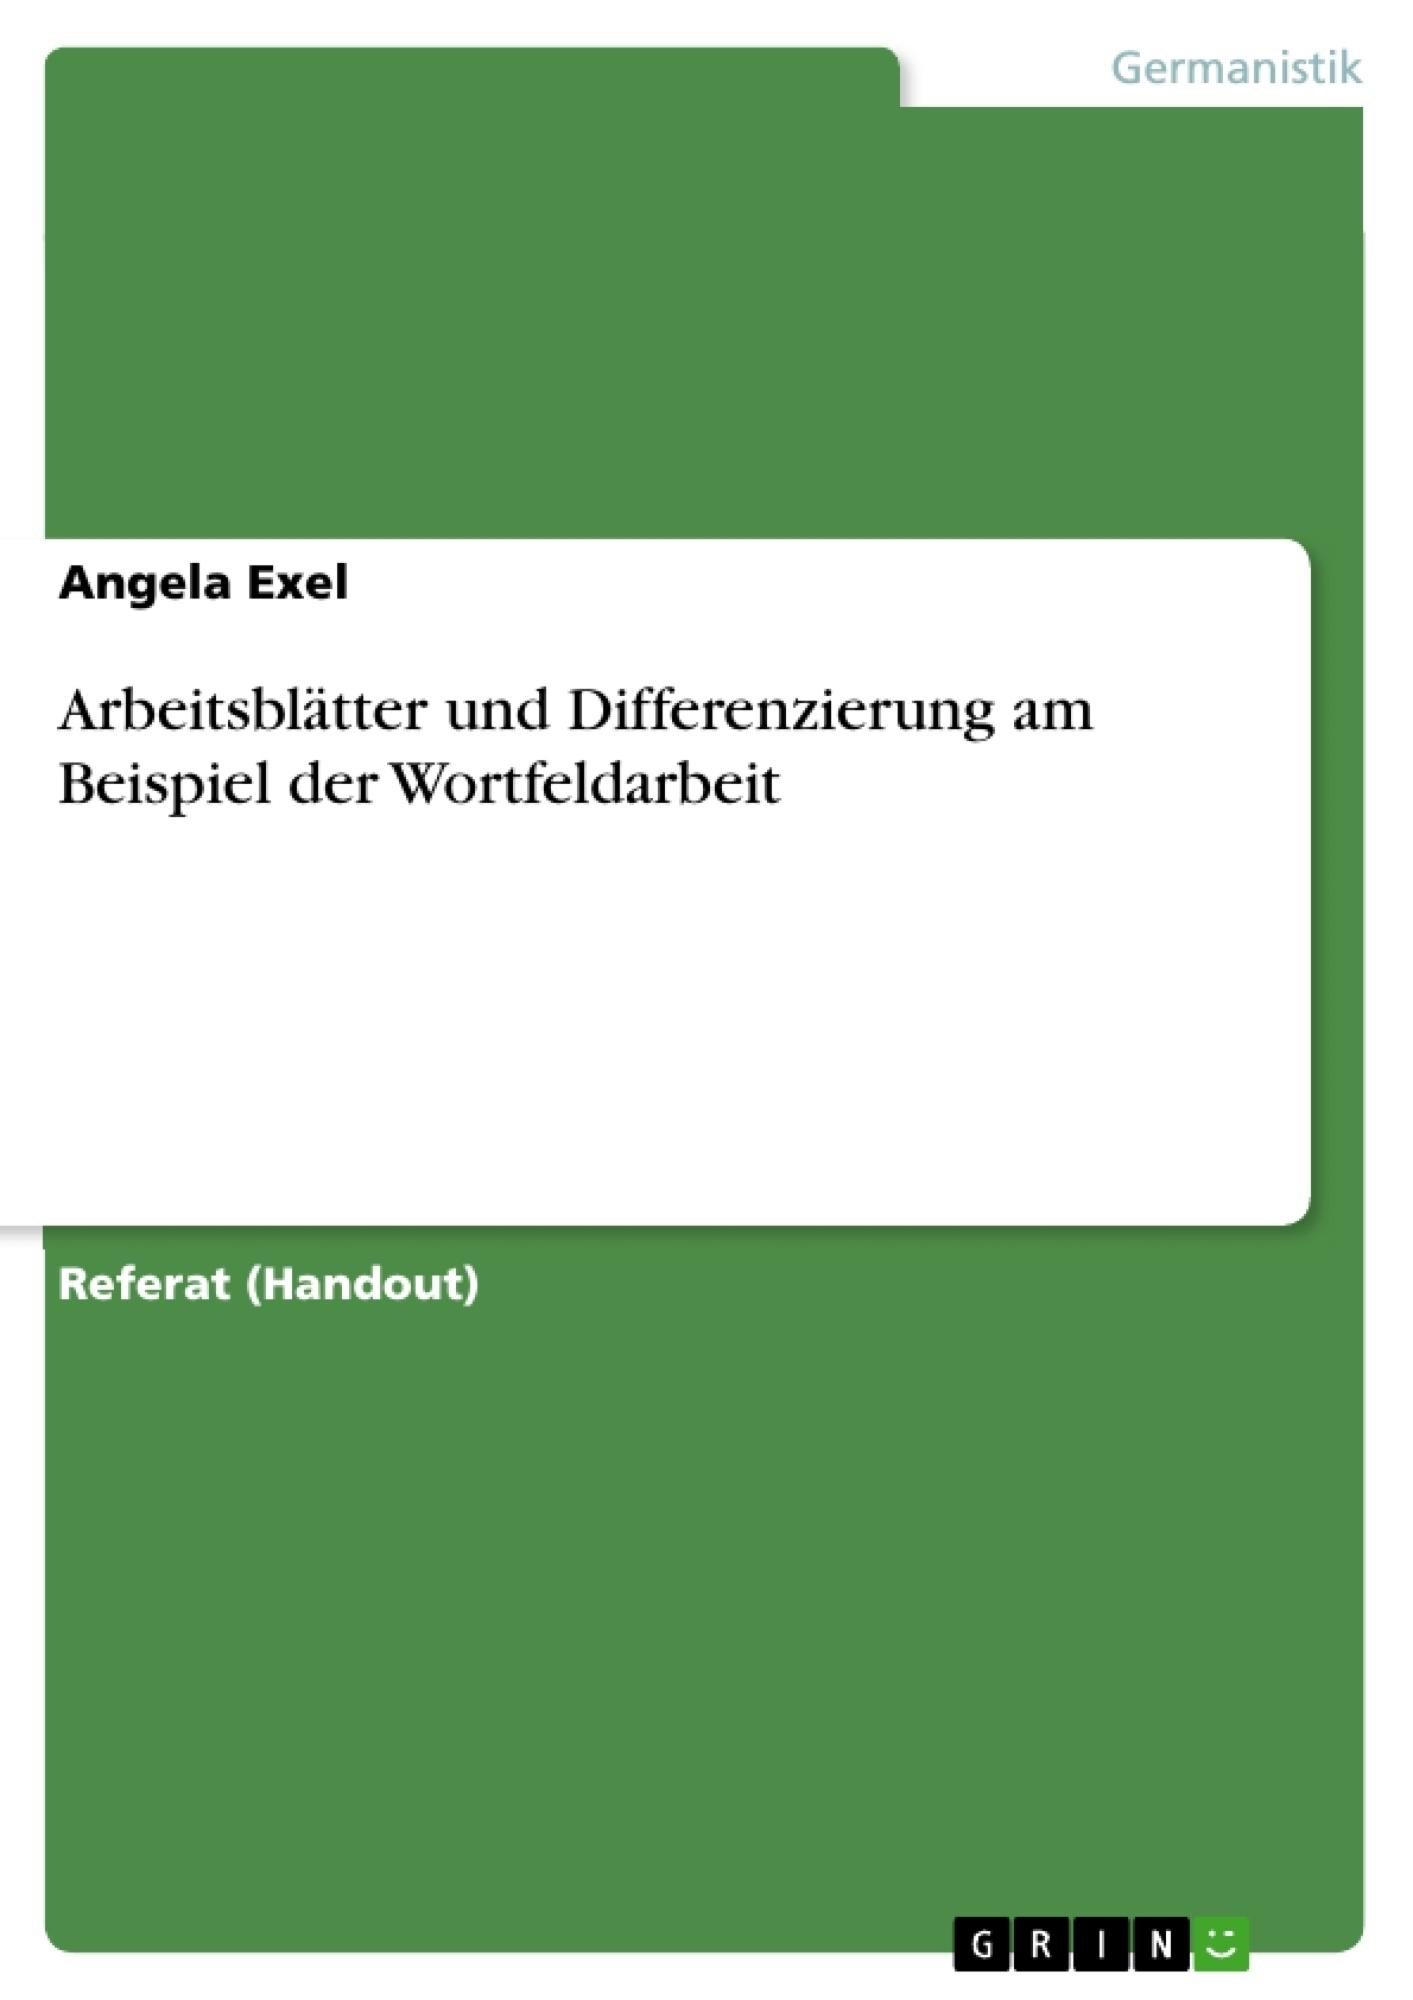 Arbeitsblätter und Differenzierung am Beispiel der Wortfeldarbeit ...